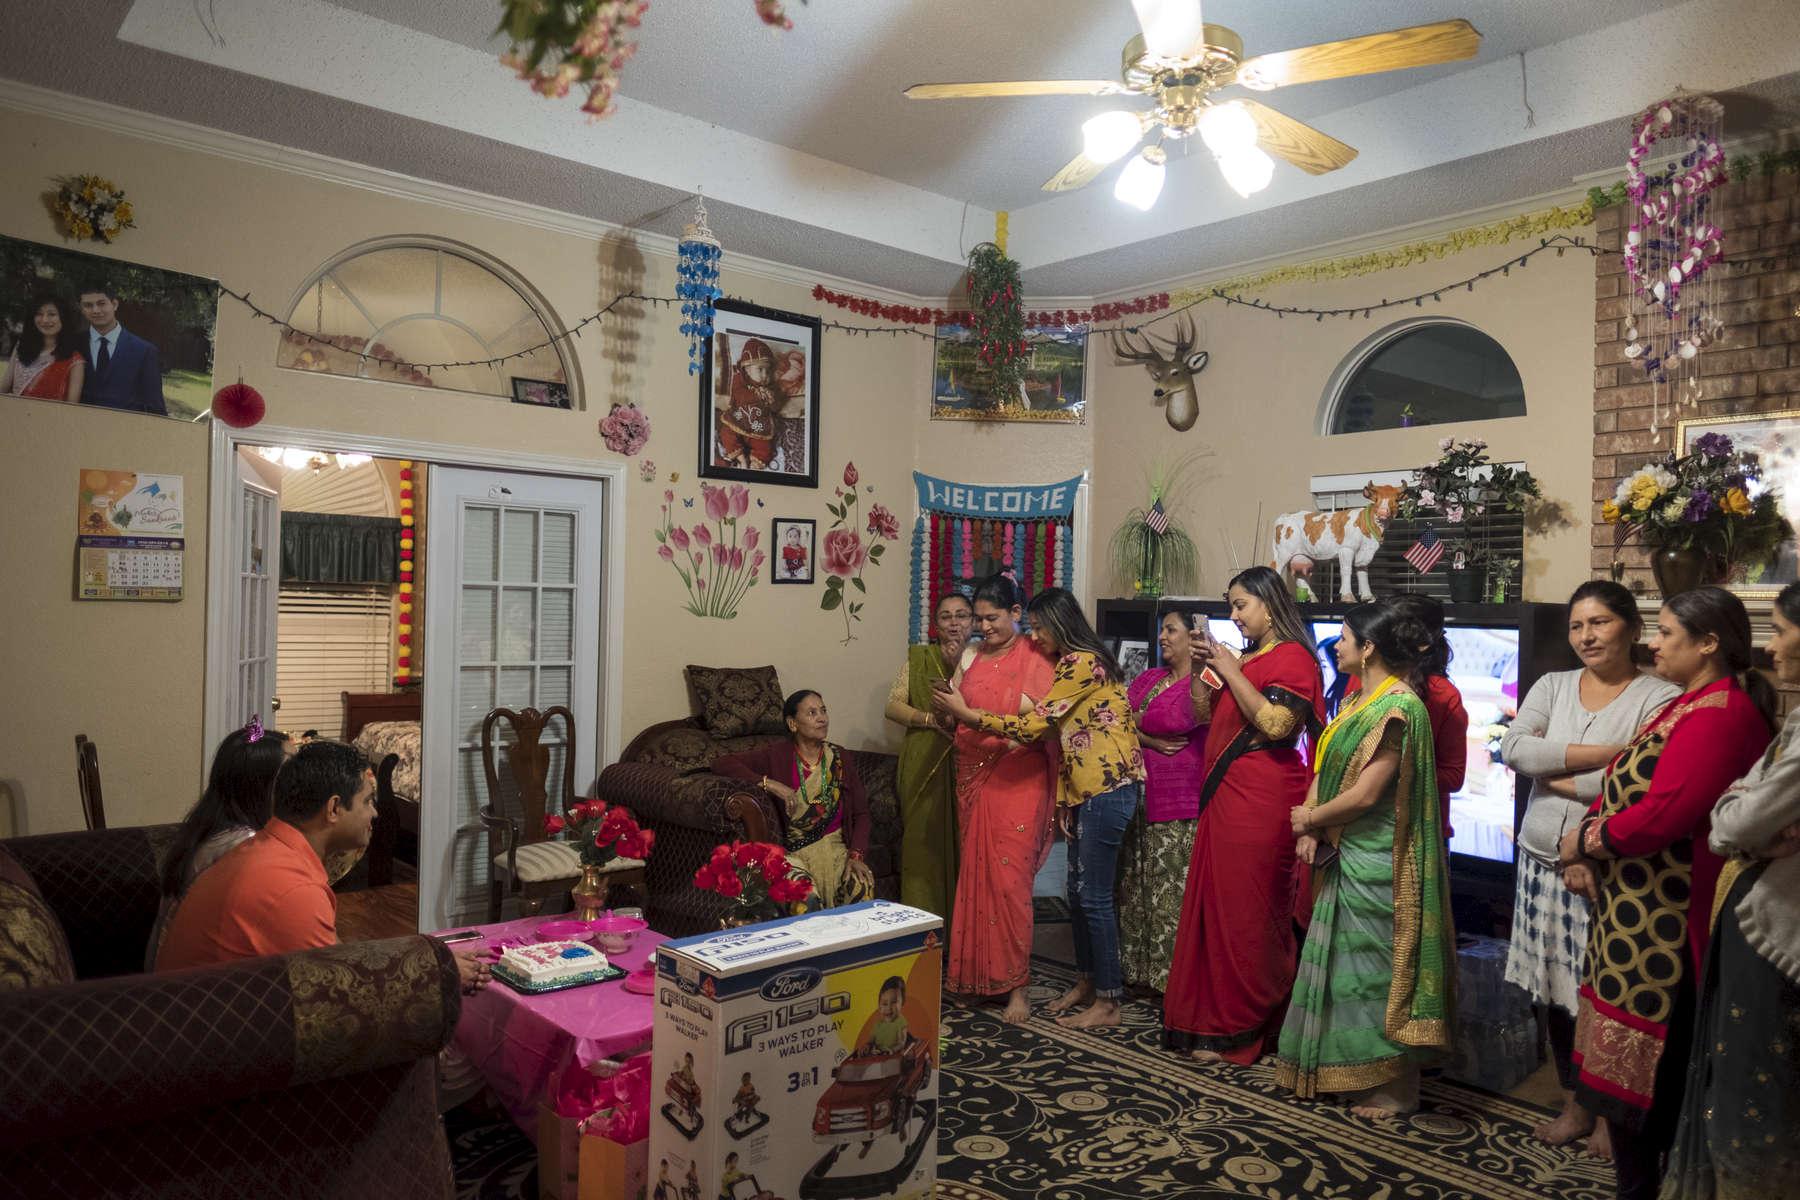 Pour célébrer l'arrivée imminente d'un nouvel enfant, la communauté Boutannaise du quartier se réunit et organise une babyshower. Ceci n'a rien à voir avec leur culture et leur tradition. Ils en organisent depuis leur arrivée aux Etats-Unis. Toutes les femmes qui assitantent à cette baby shower vivaient dans le camp de Beldangi au Népal tout comme la famille Mainali. Watauga, Etats-Unis, 2018.